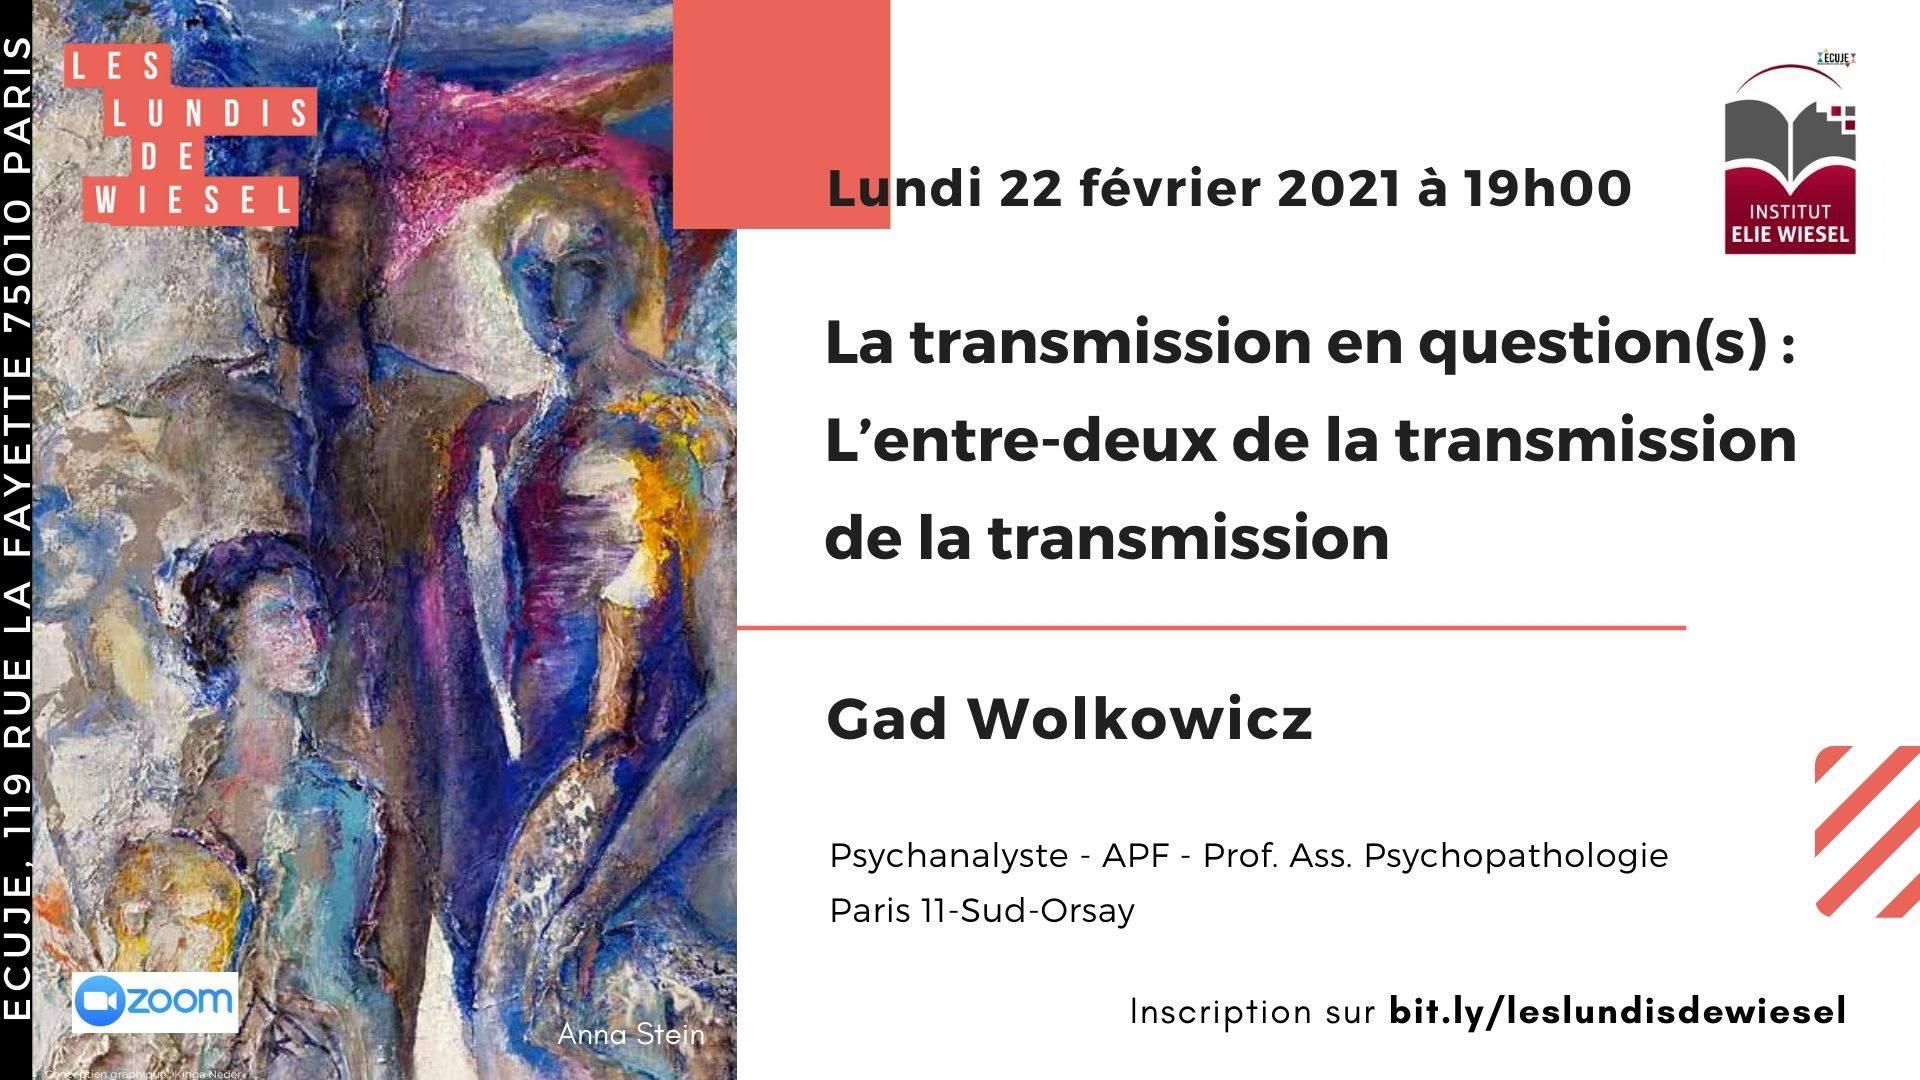 La transmission en question(s): L'entre-deux de la transmission, une construction in(dé)finie, par Gad Wolkowicz